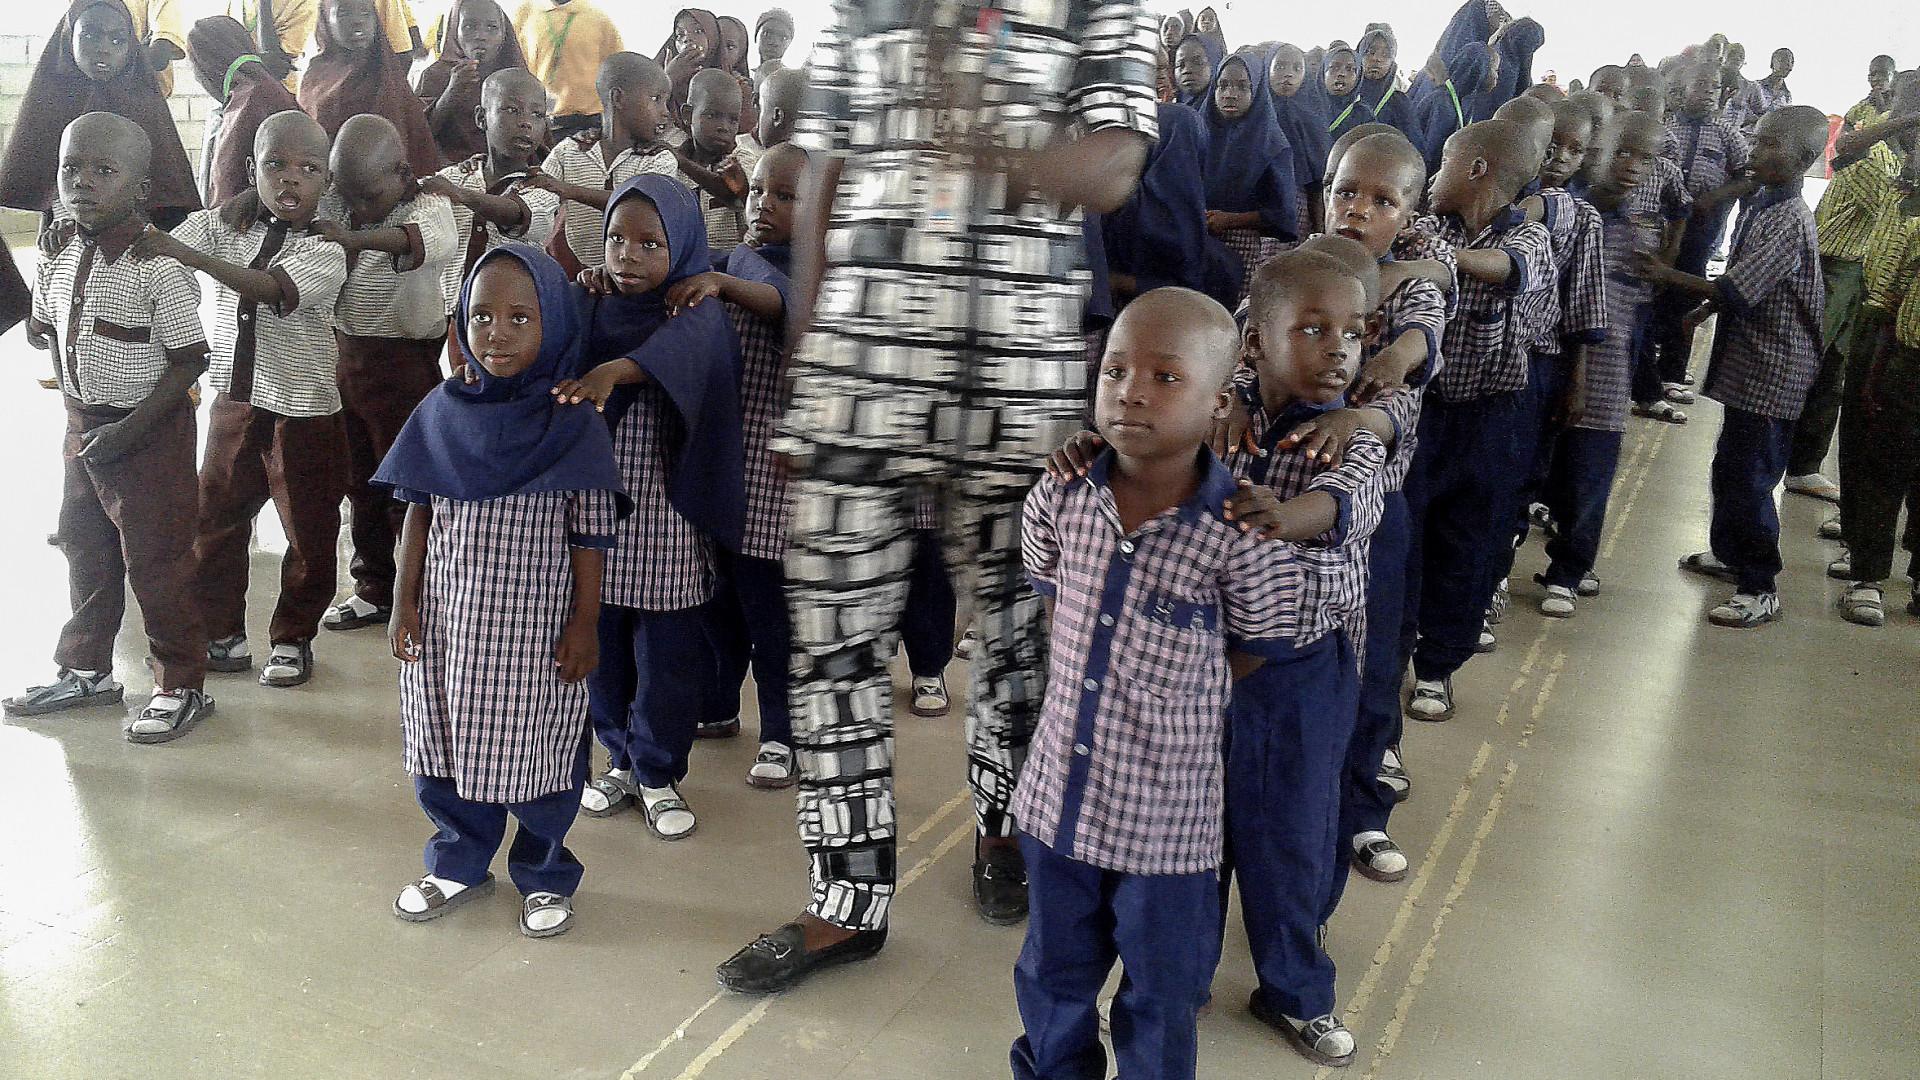 Centenas de crianças-soldado libertadas do grupo Boko Haram na Nigéria